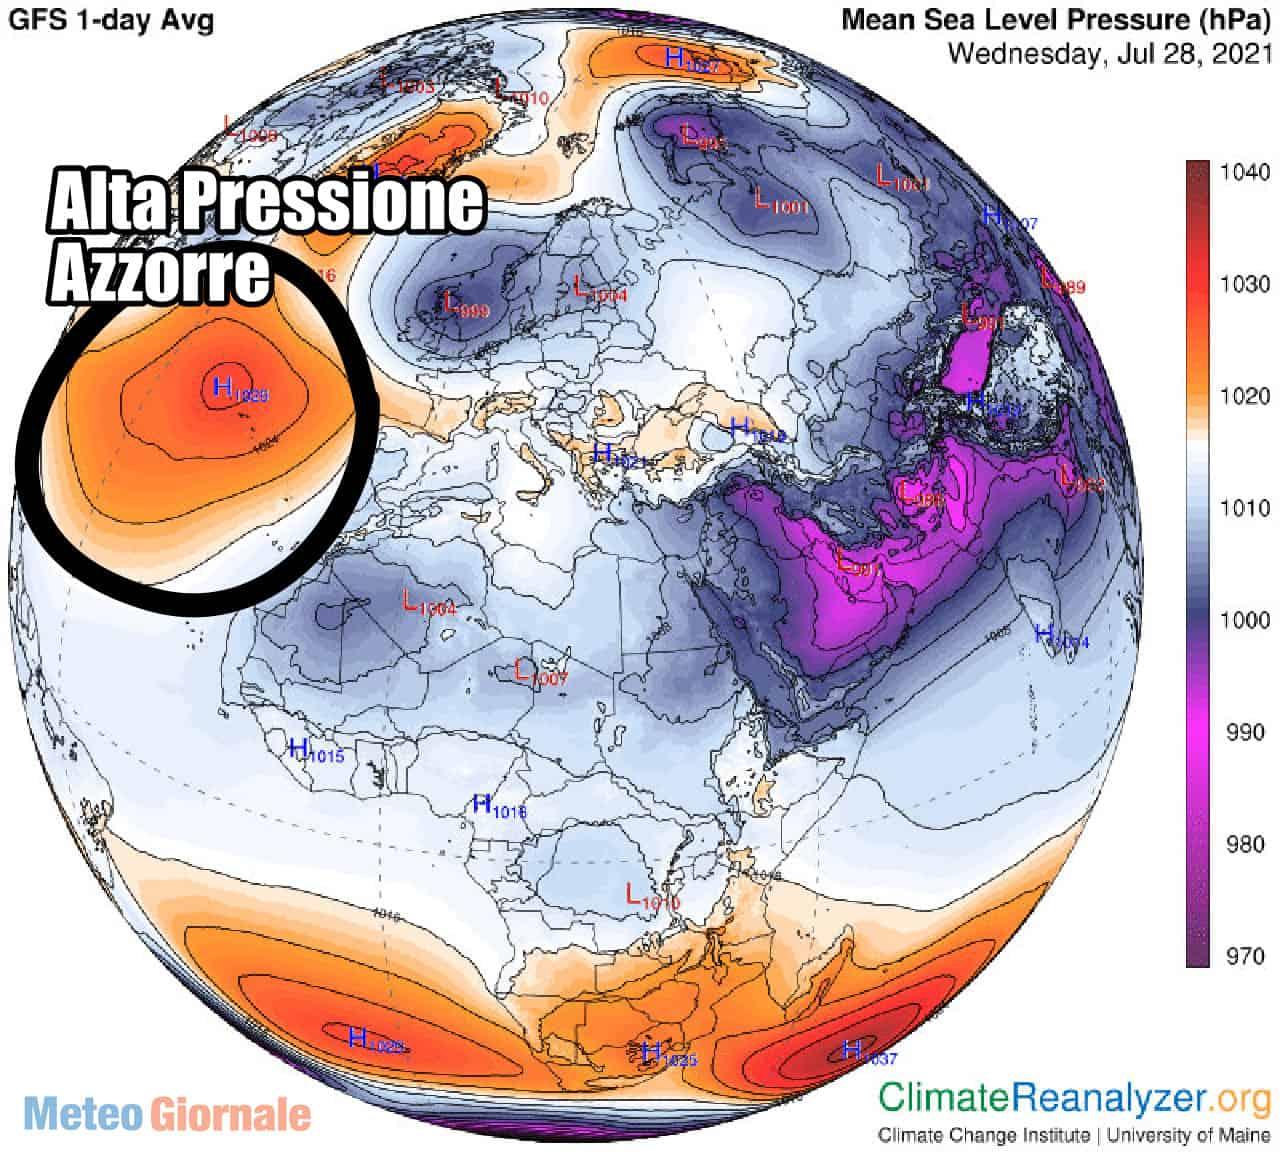 alta pressione azzorre - Meteo d'Estate che rischia di sparire. Le cause